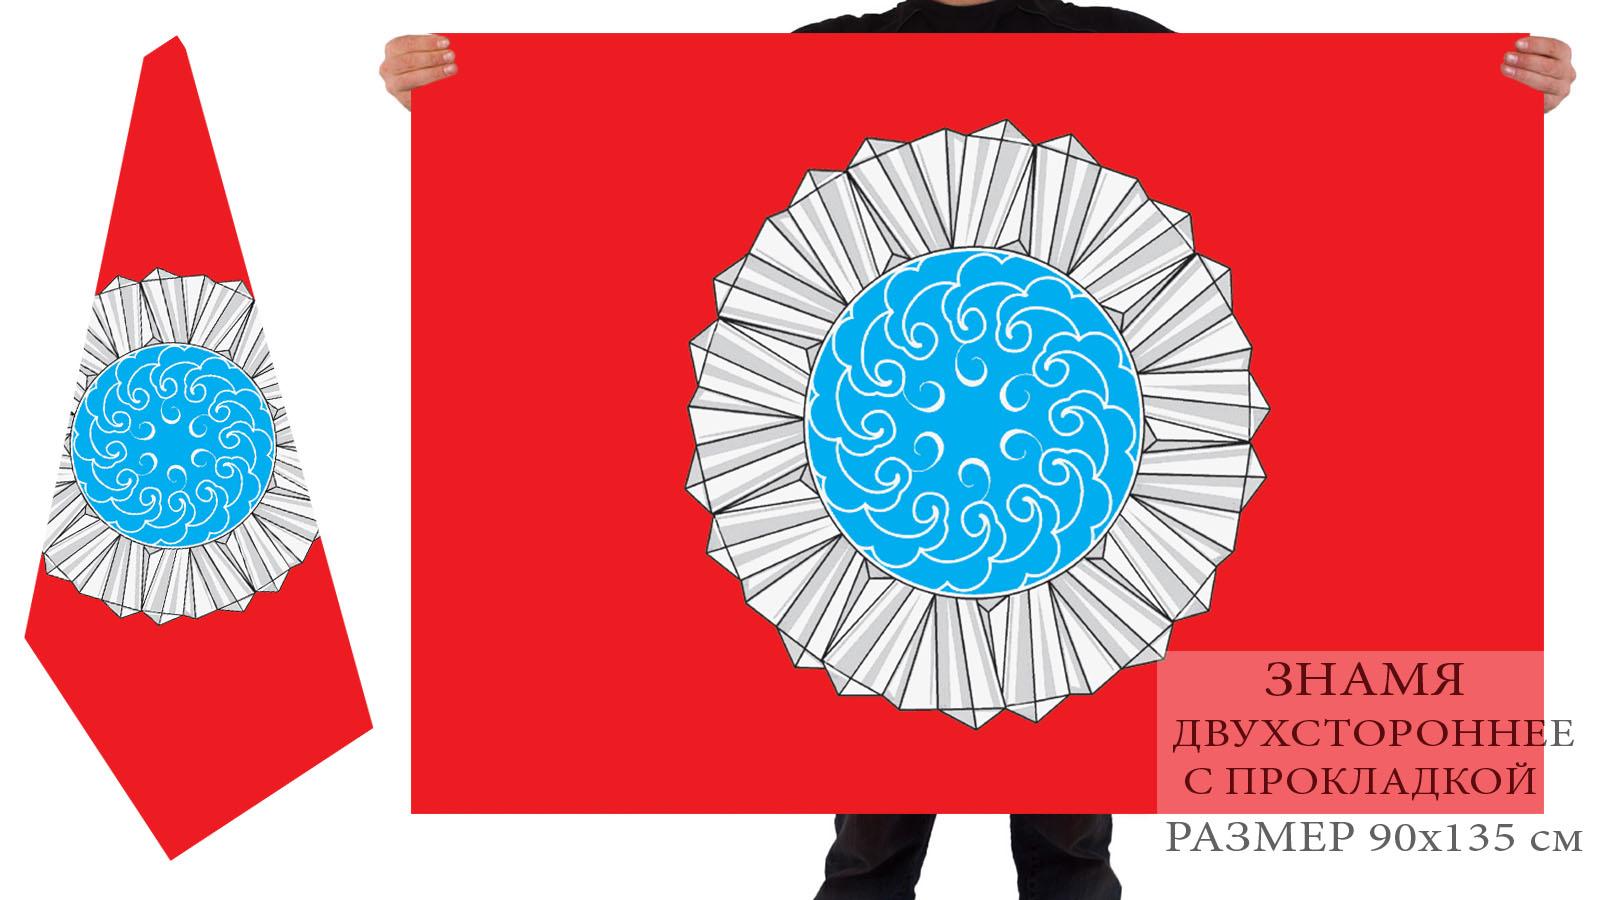 Купить флаг Слюдянского района